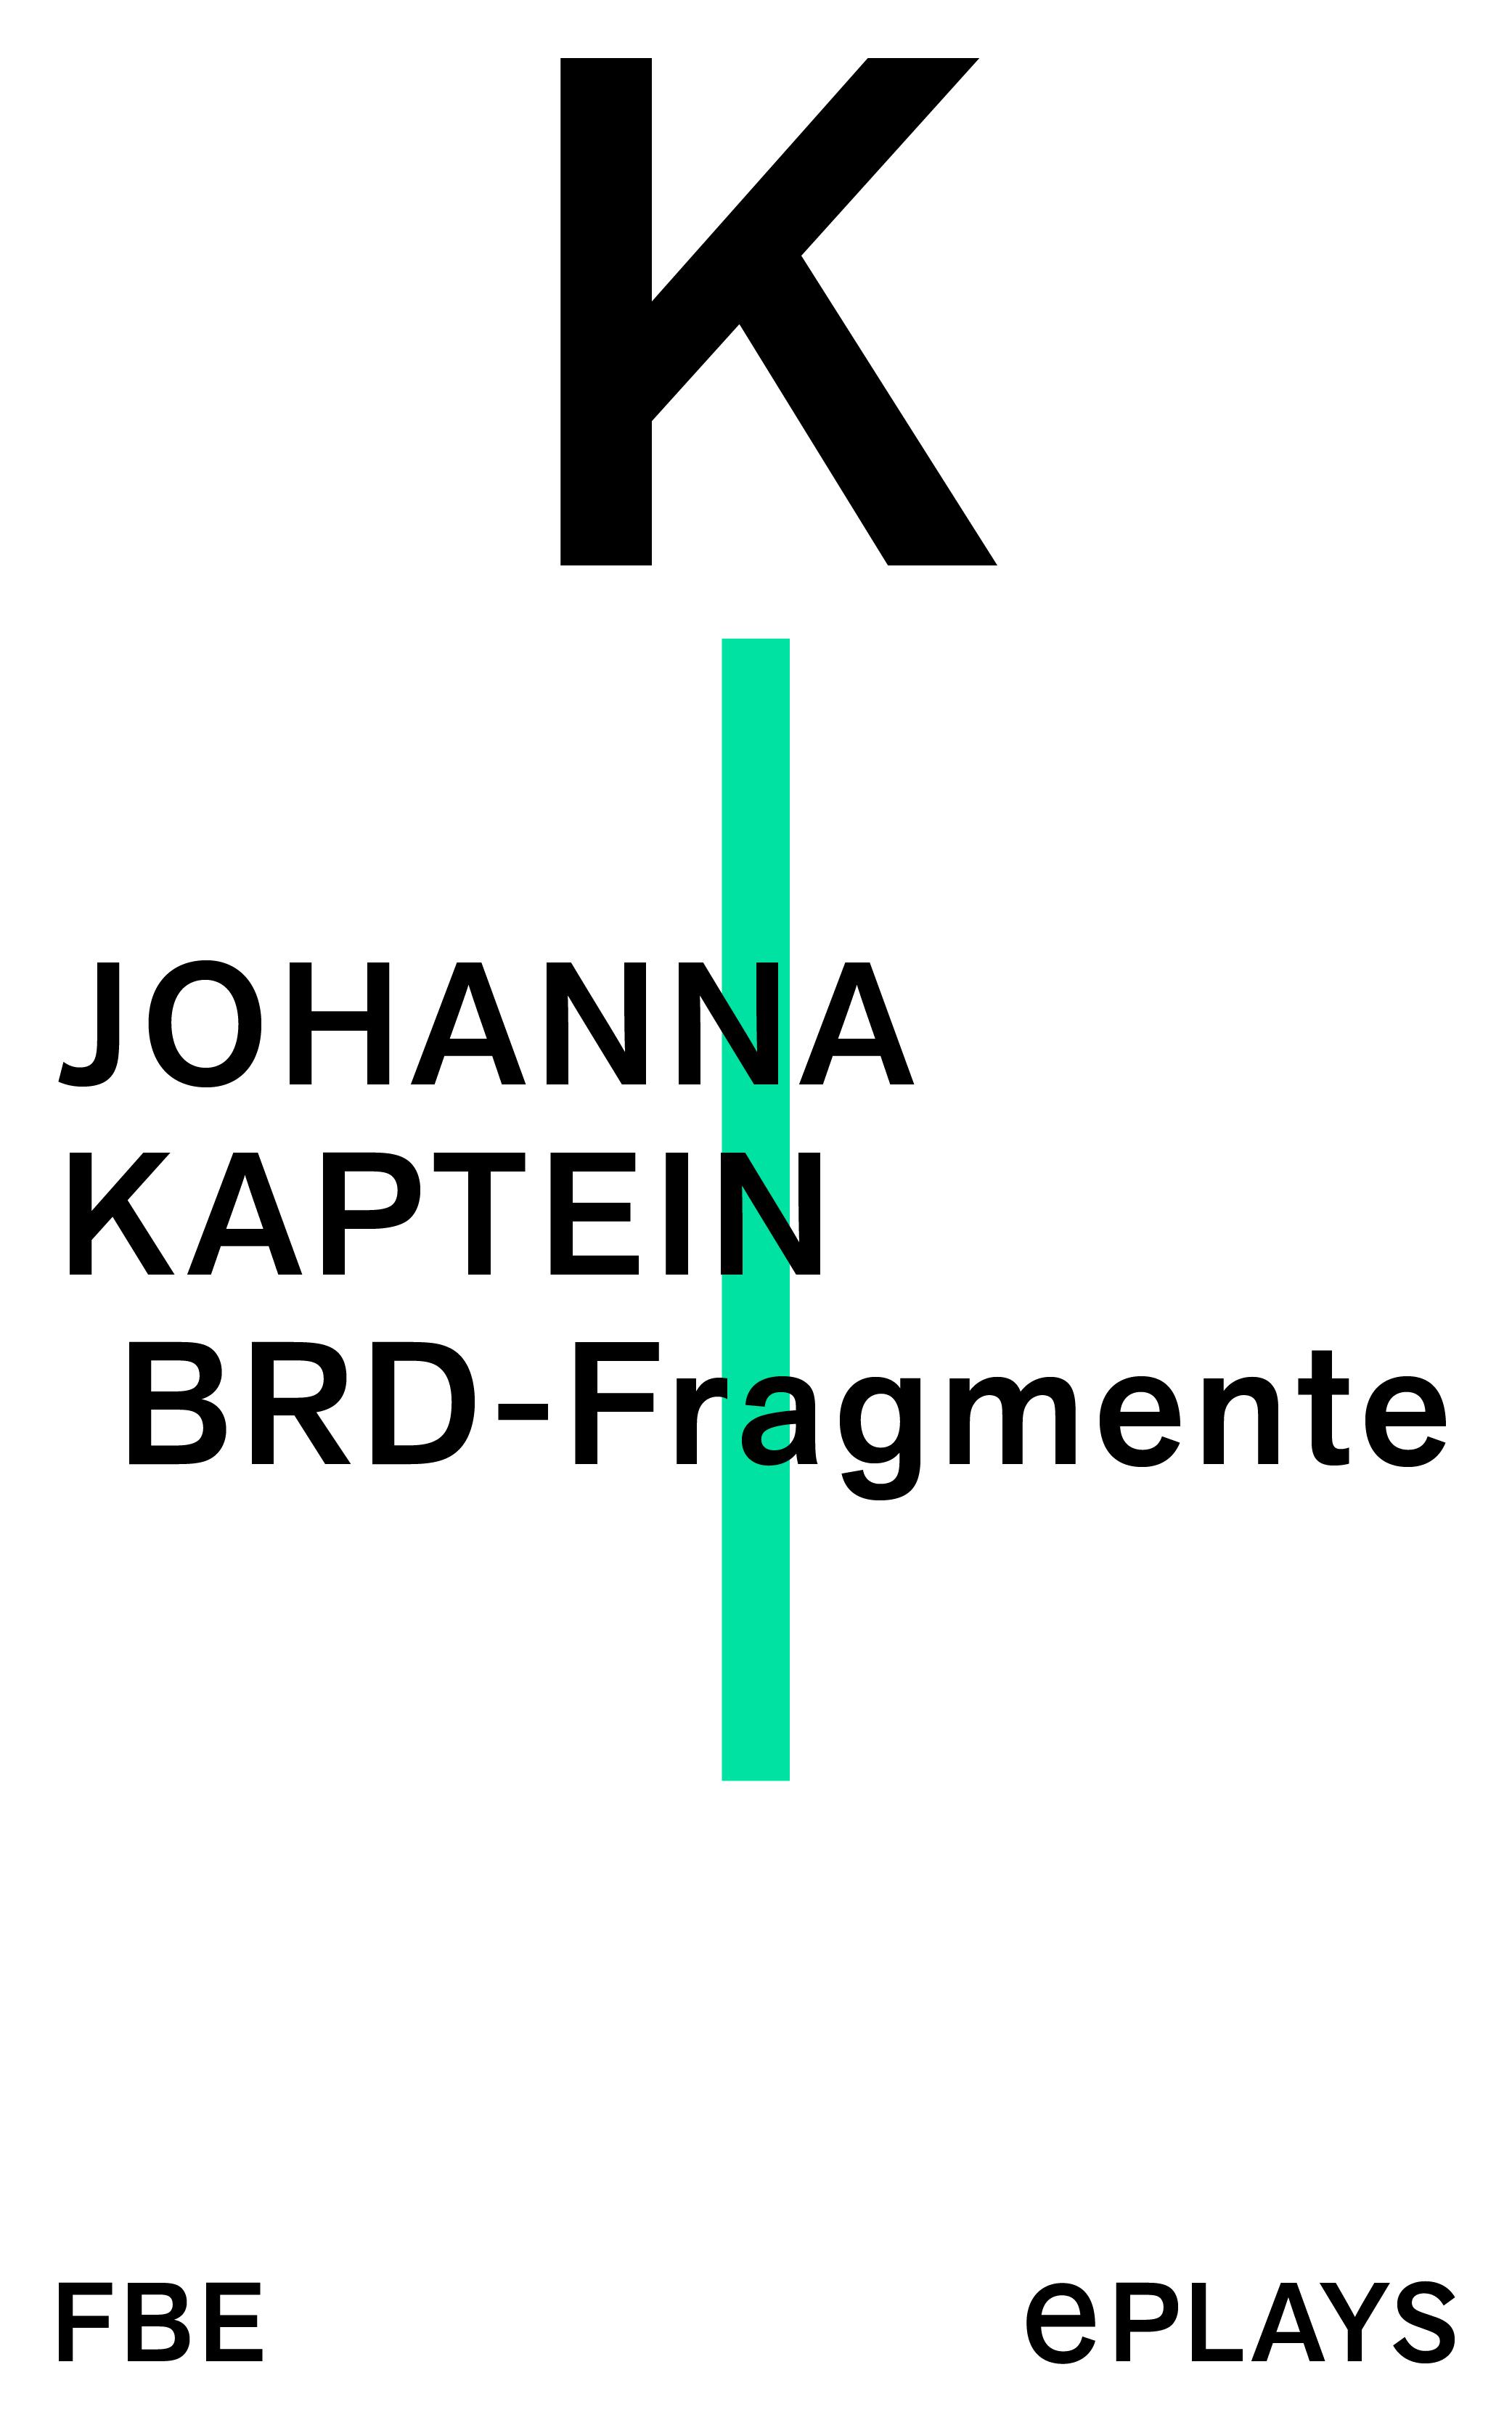 Johanna Kaptein BRD-Fragmente carolina reinhold die geschichte von dem spanischen baumeister und die geschichte vom leim und der mariandl zwei erzahlungen german edition